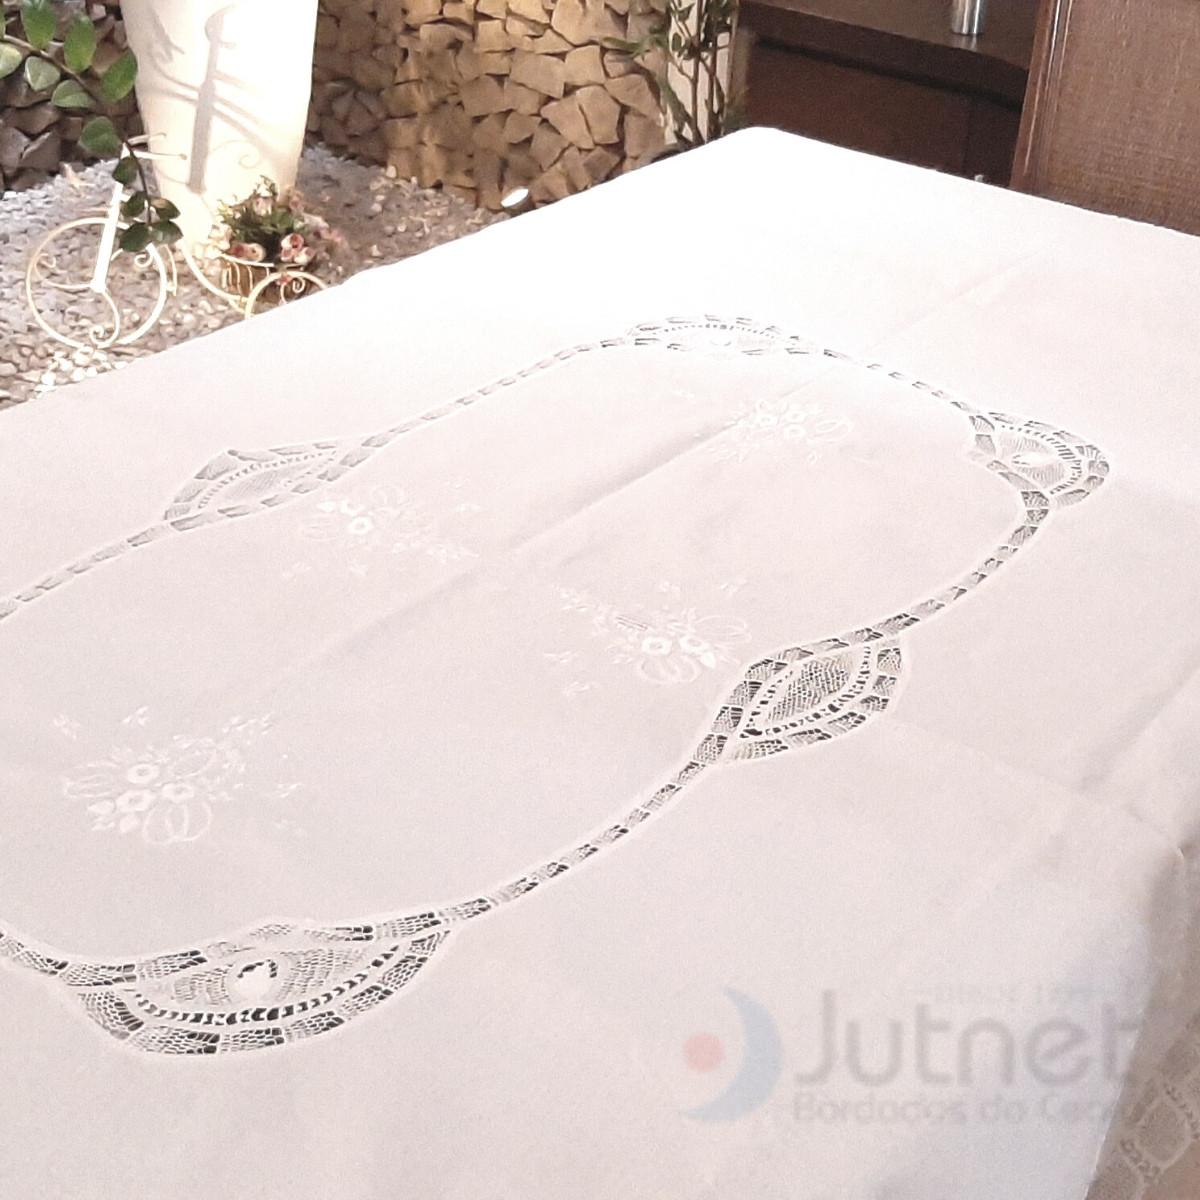 Toalha de Mesa 2,60 x 1,60 m com Linho e Renda Renascença Retangular  - Bordados do Ceará - Jutnet